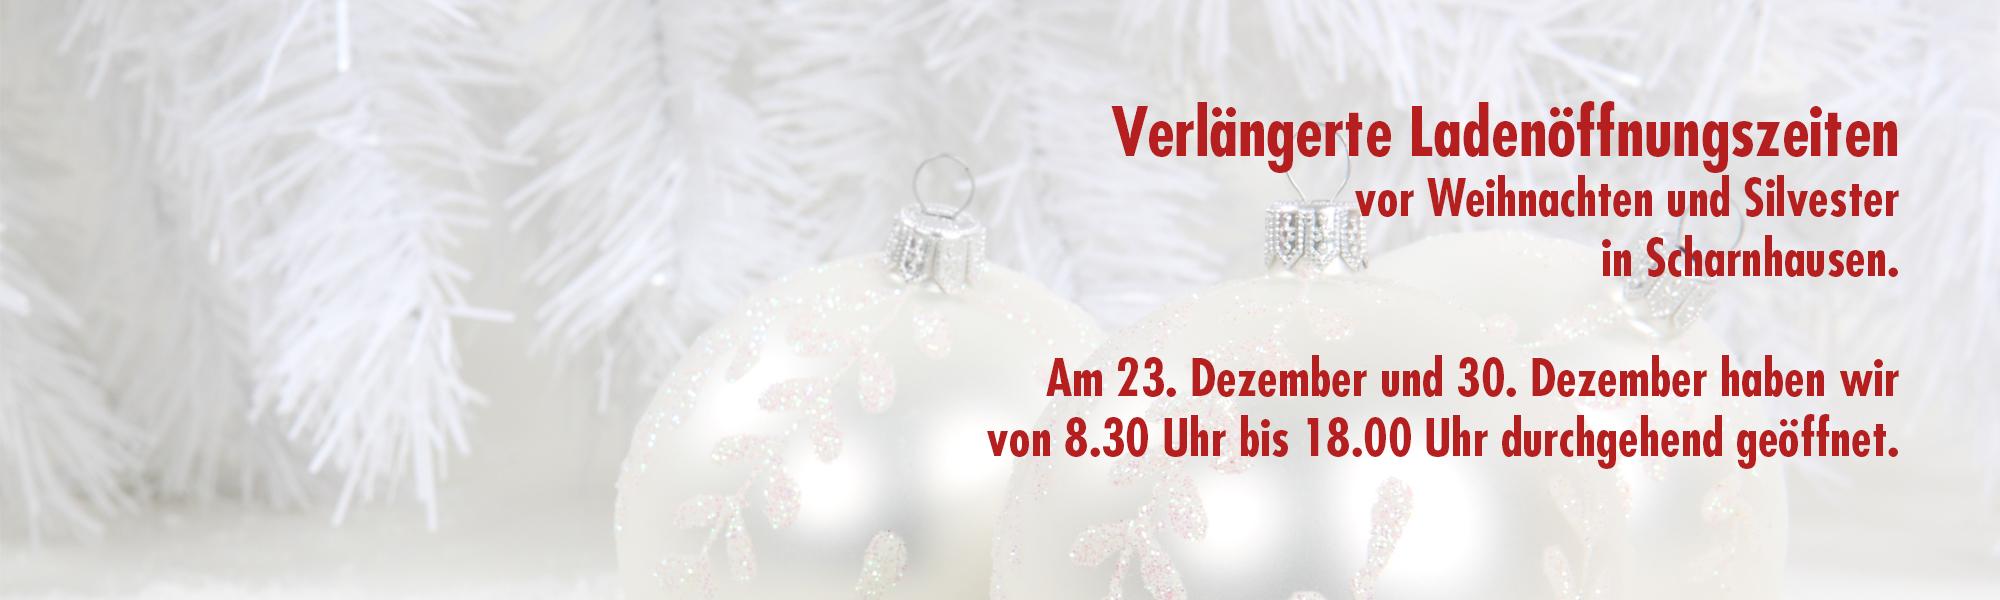 Erfreut Getränke Volz Bilder - Die Schlafzimmerideen - kruloei.info